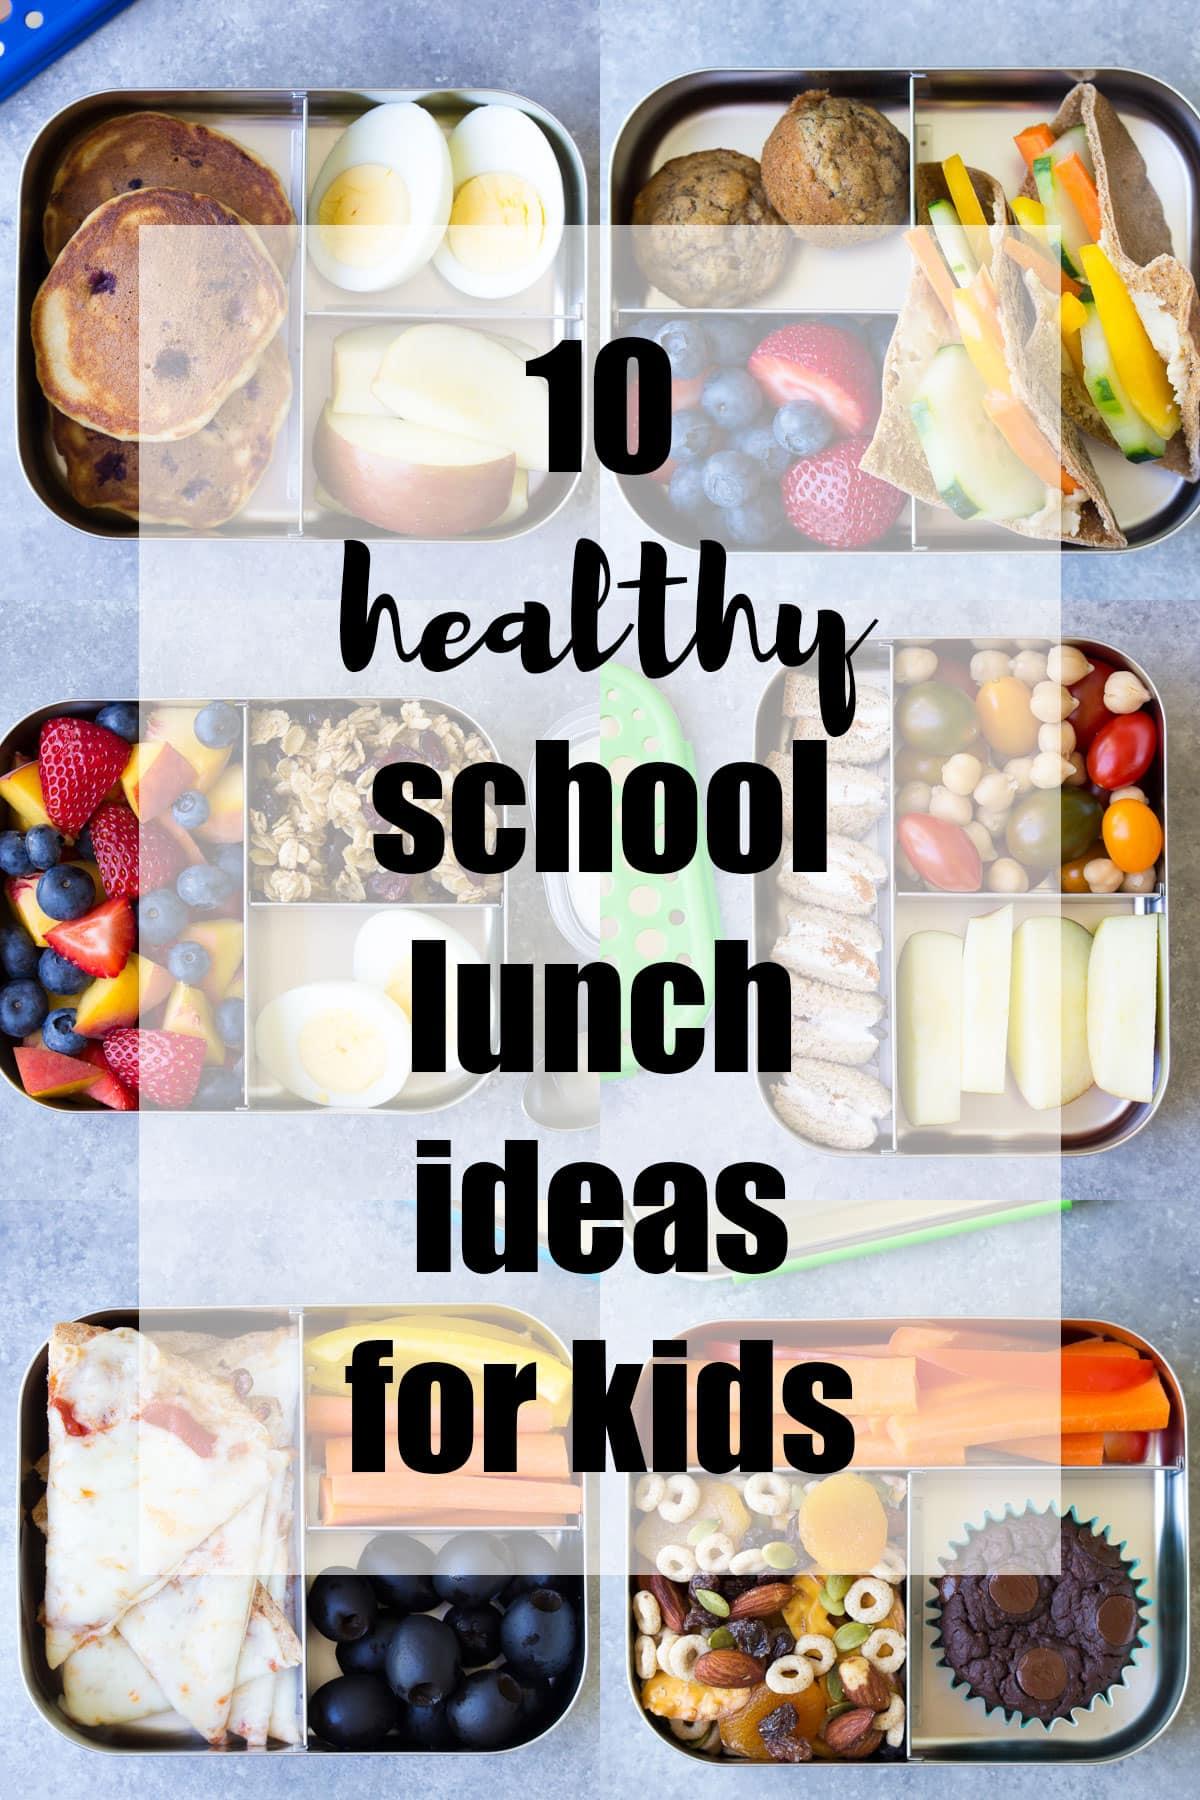 10 Más ideas de almuerzo saludable para niños (para el almuerzo escolar o el hogar)